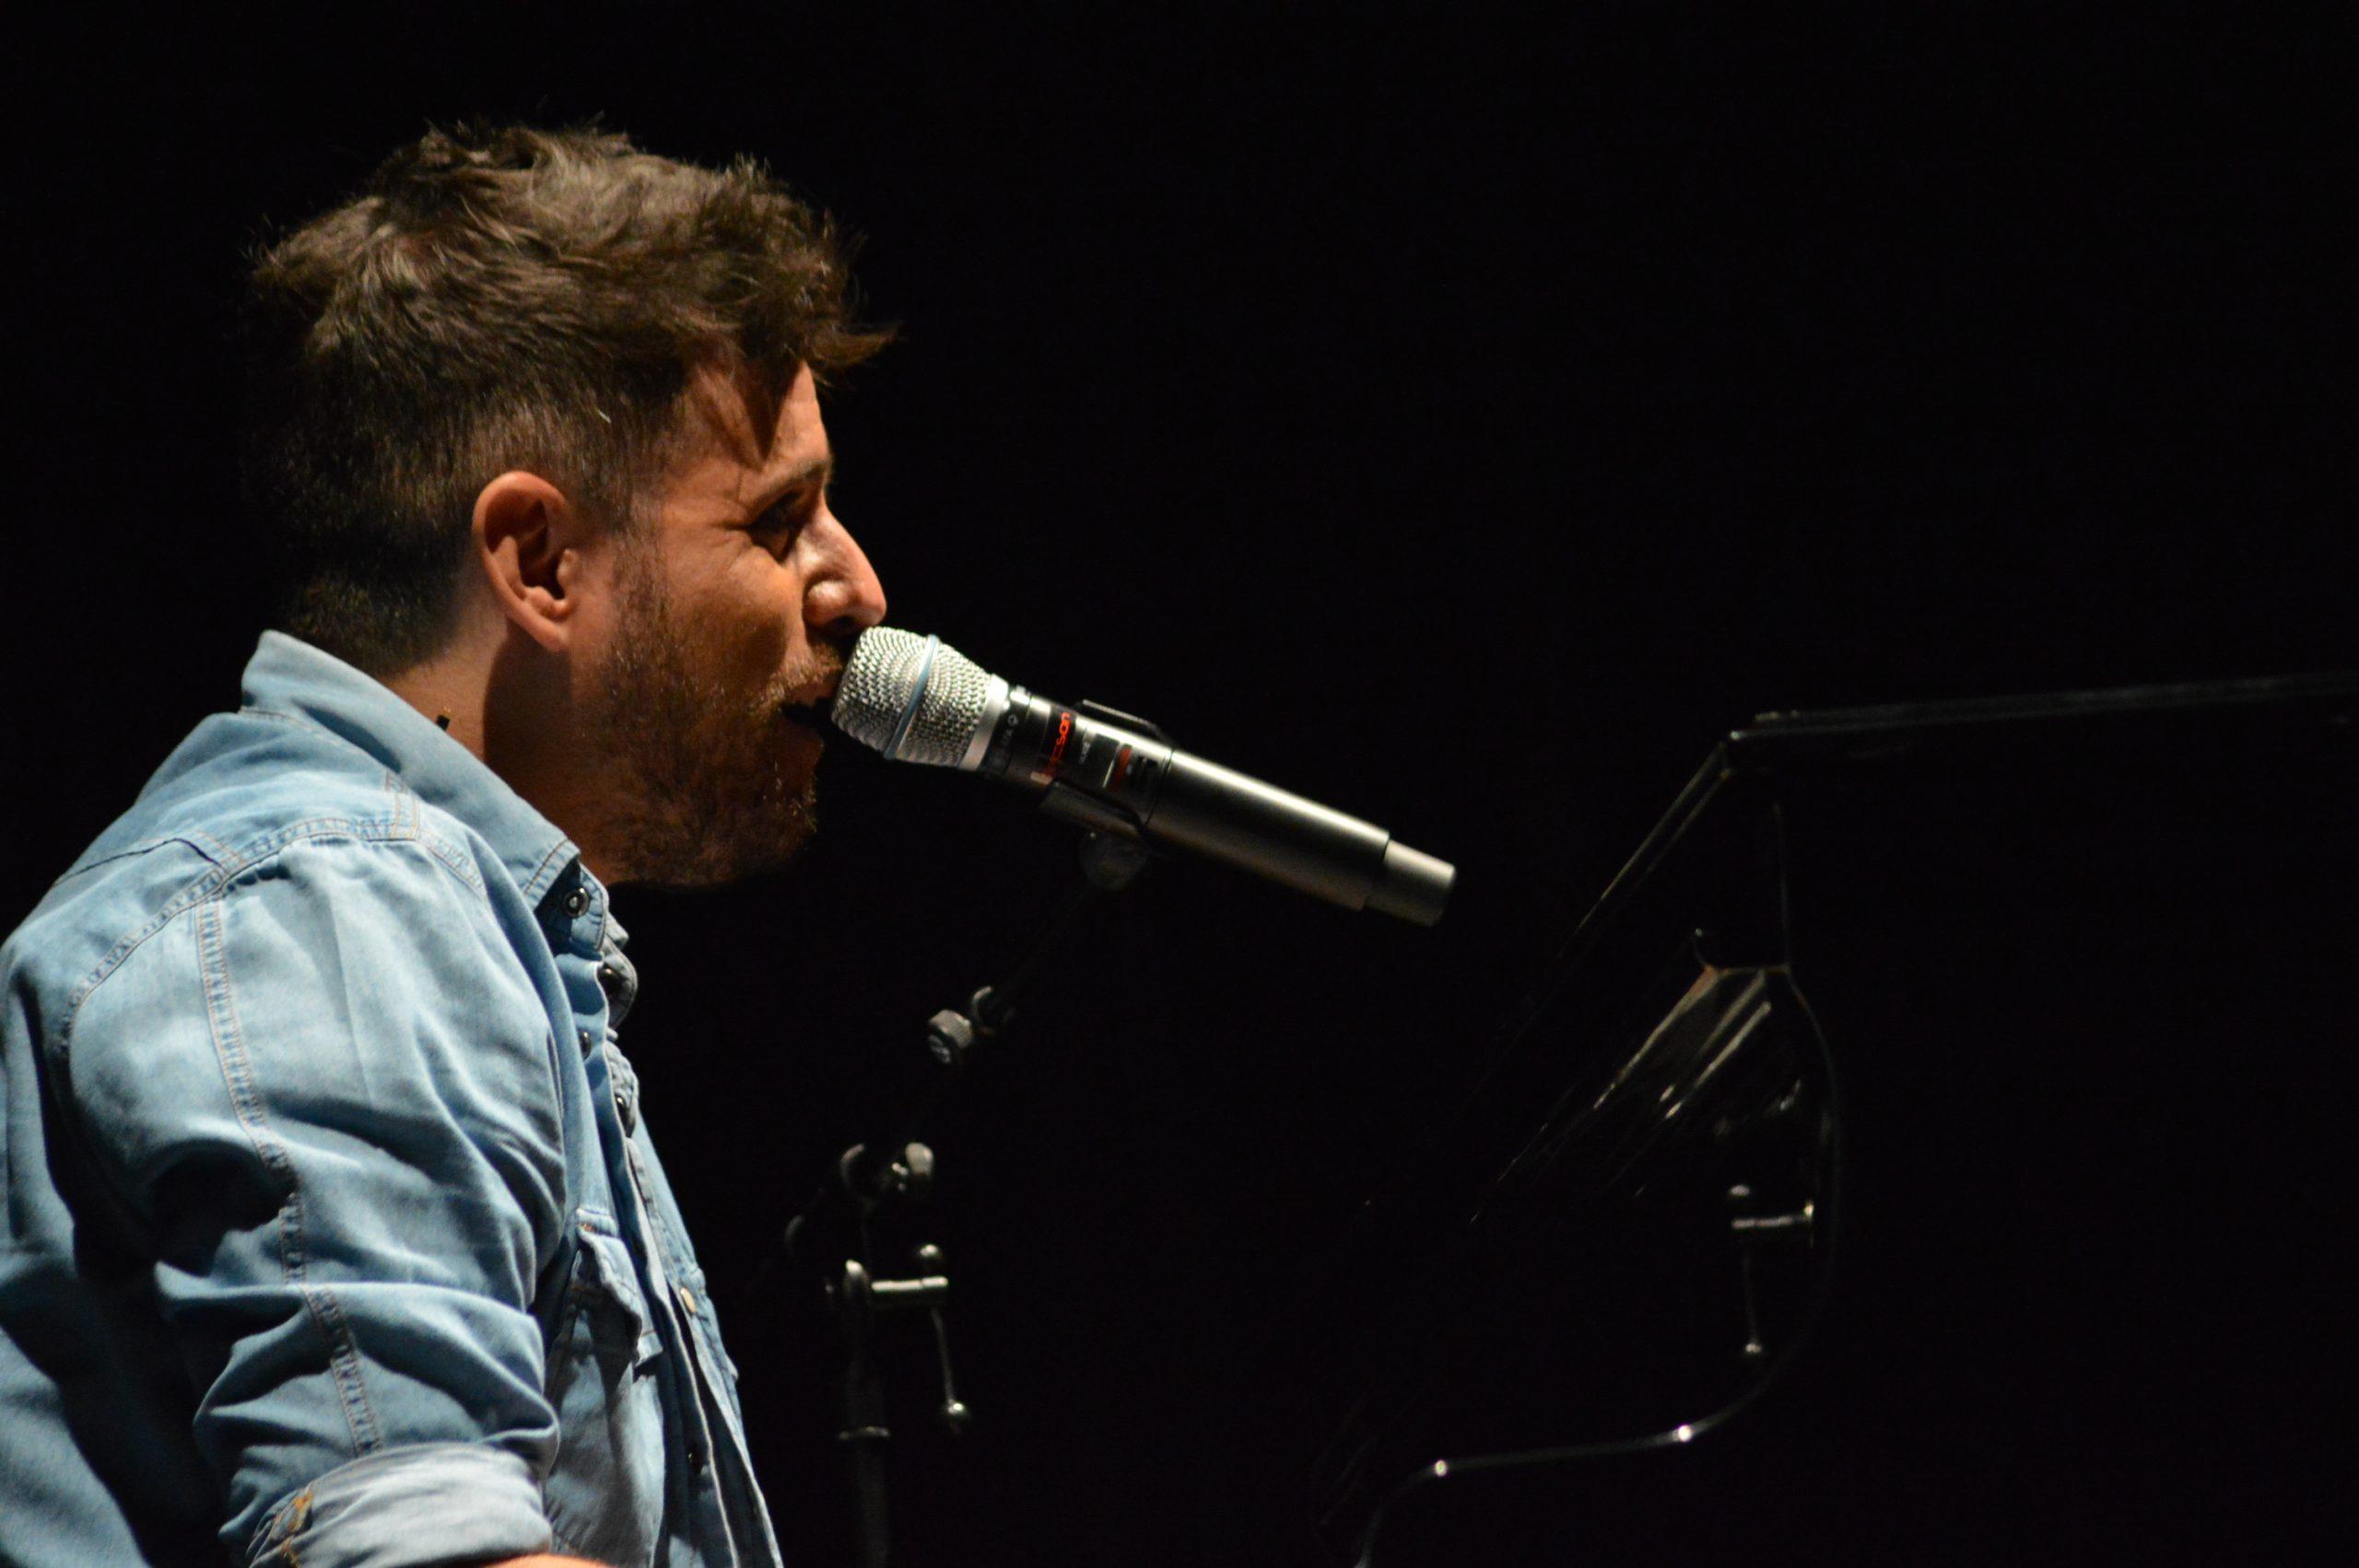 La gira 'López, piano y voz' de Pablo López pone el broche final a las fiestas de la Encina que nunca hubiéramos querido vivir 12